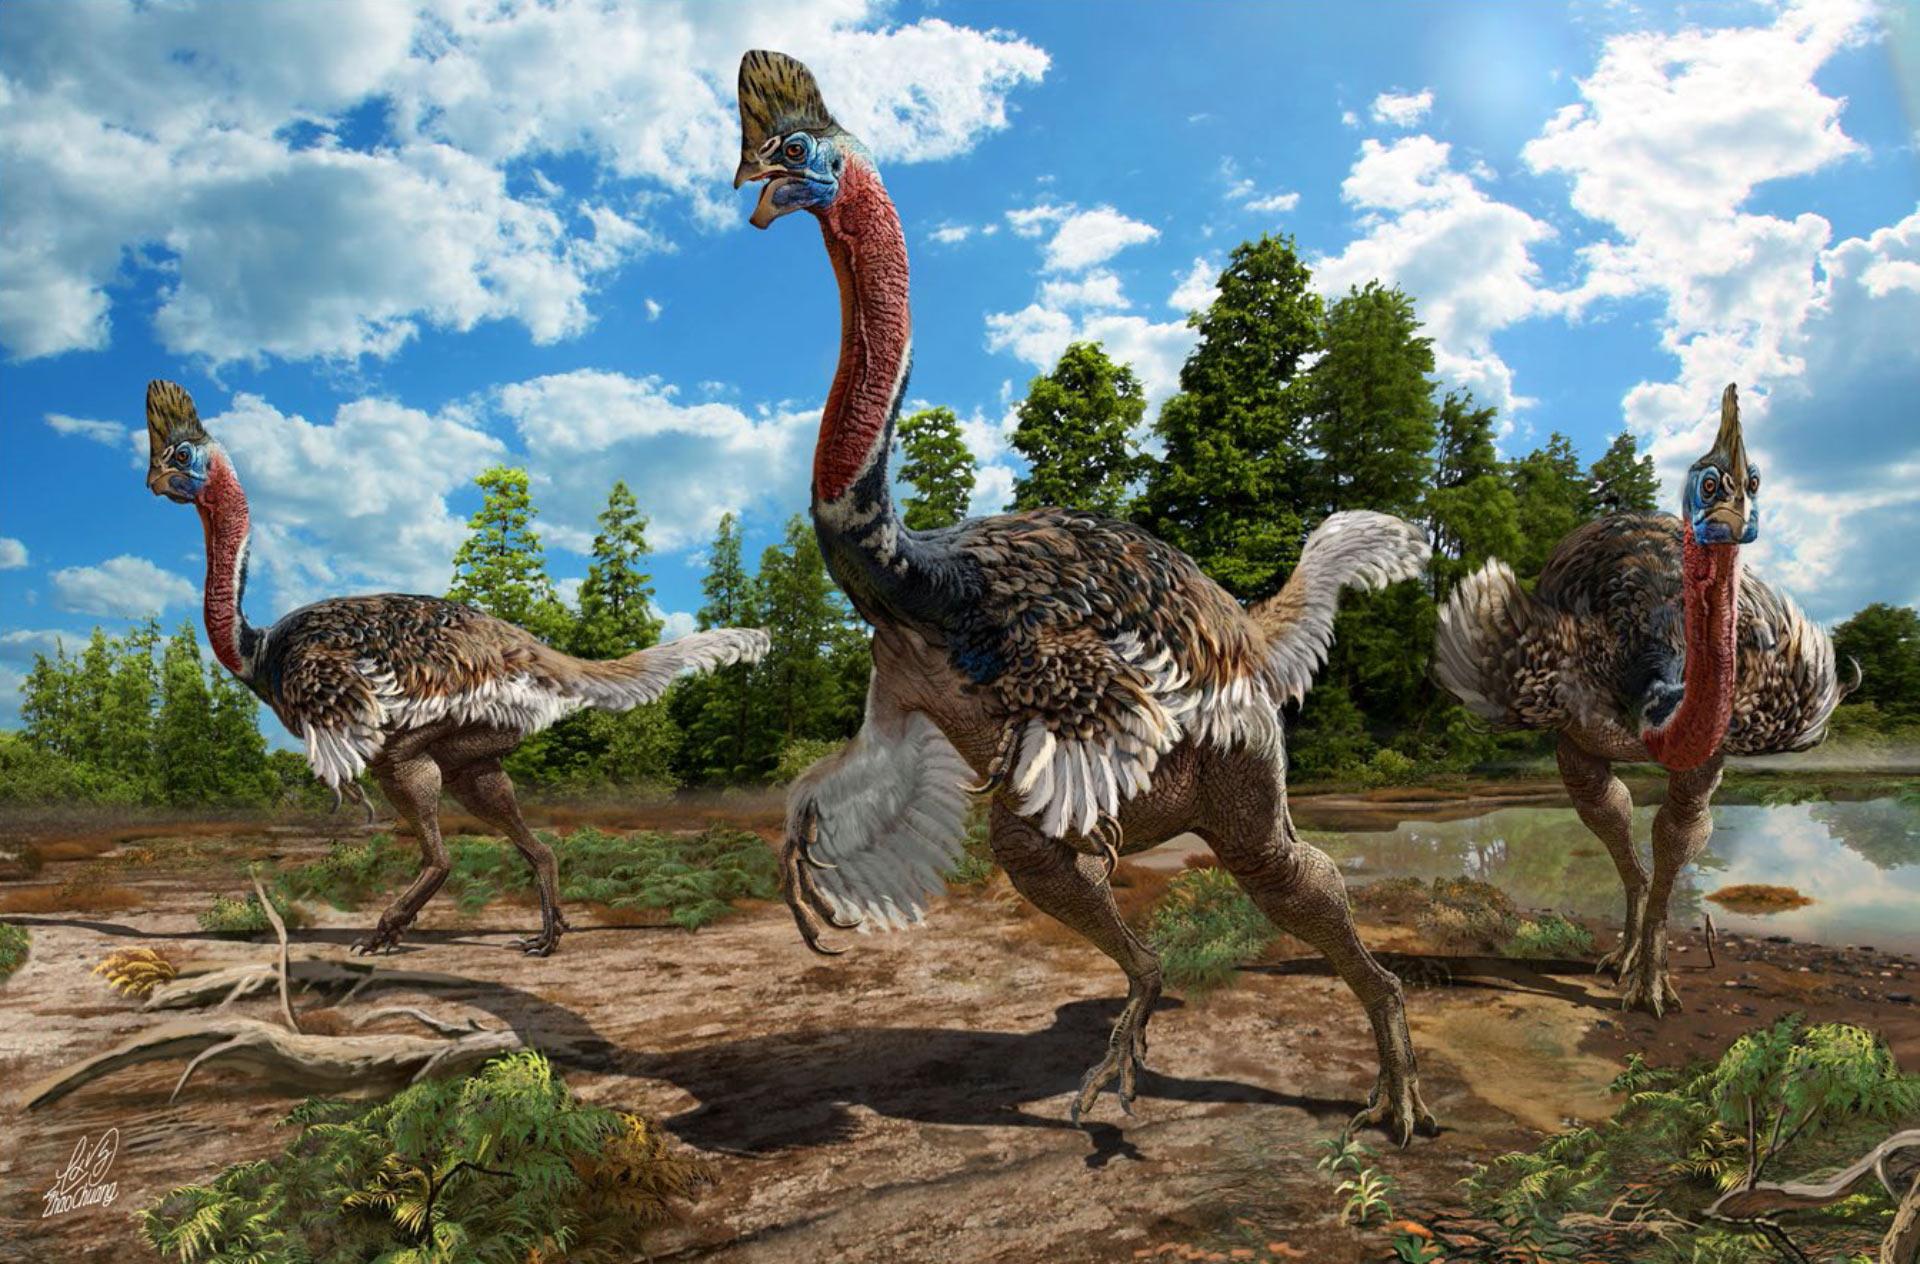 Dinozauri necunoscuti pana acum, Corythoraptor jacobsi